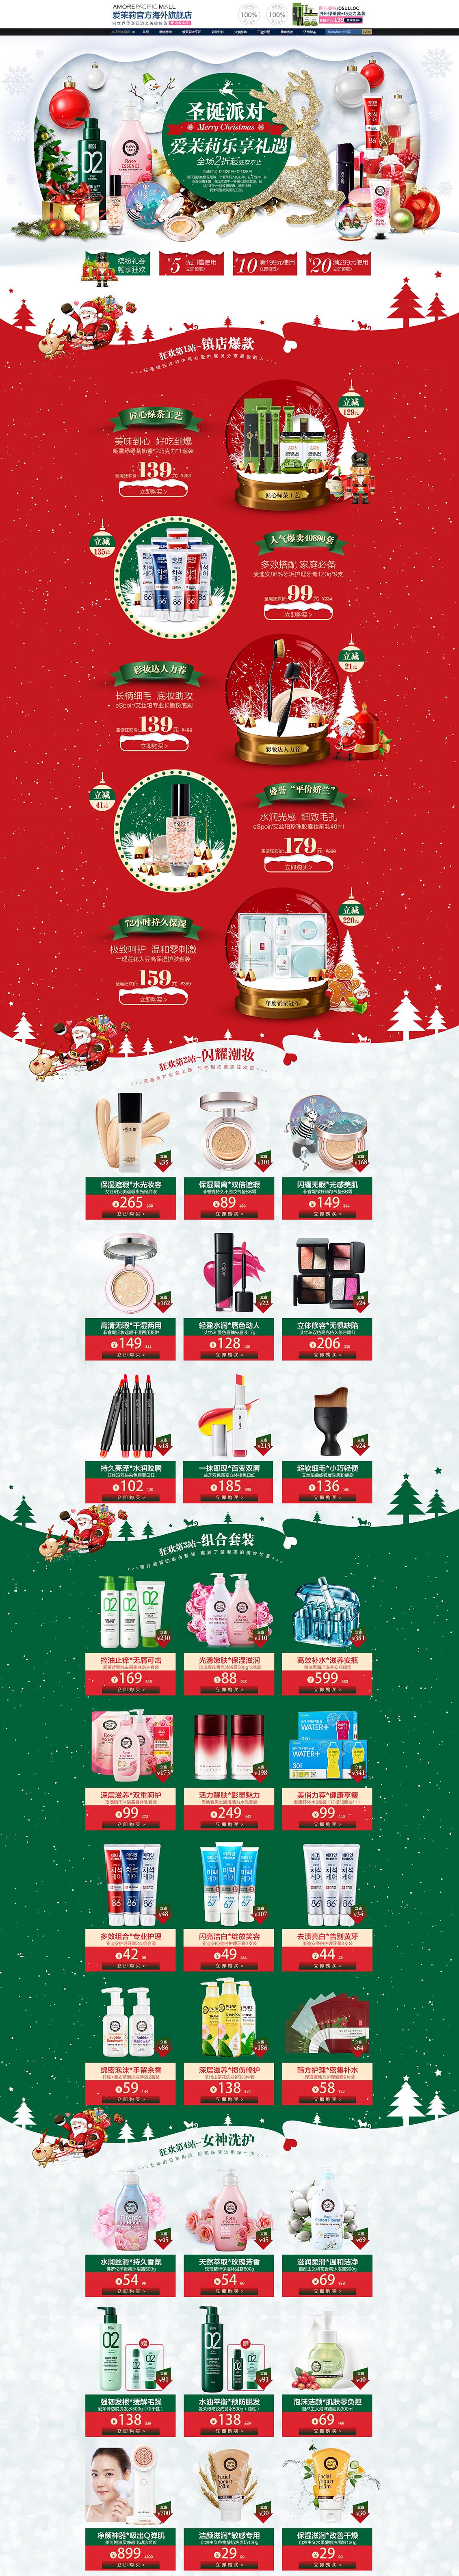 爱茉莉美妆彩妆化妆品圣诞节